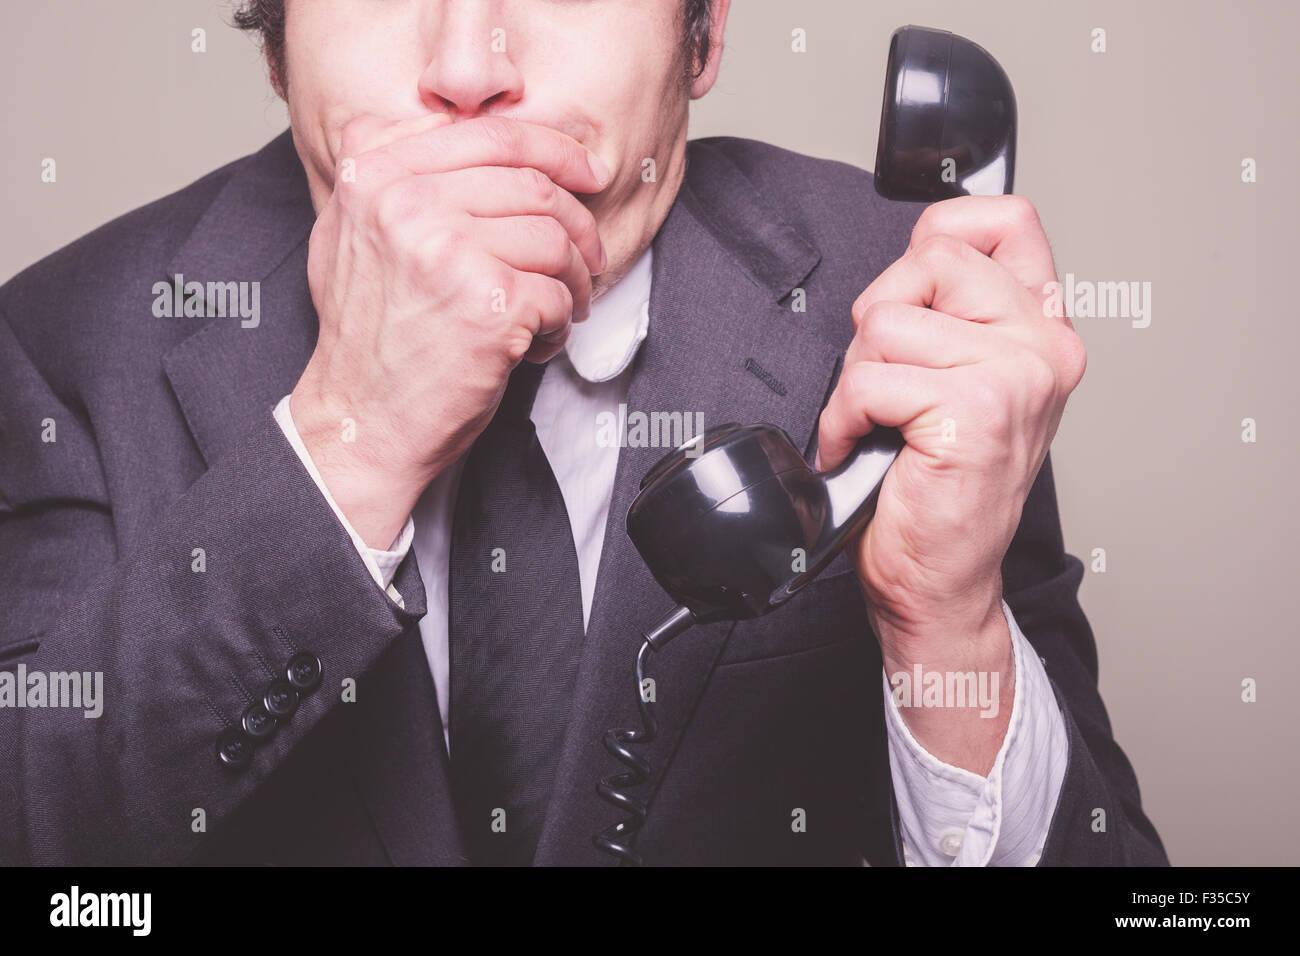 Un giovane imprenditore è al telefono e che copre la sua bocca in stato di  shock 5d3db1822066